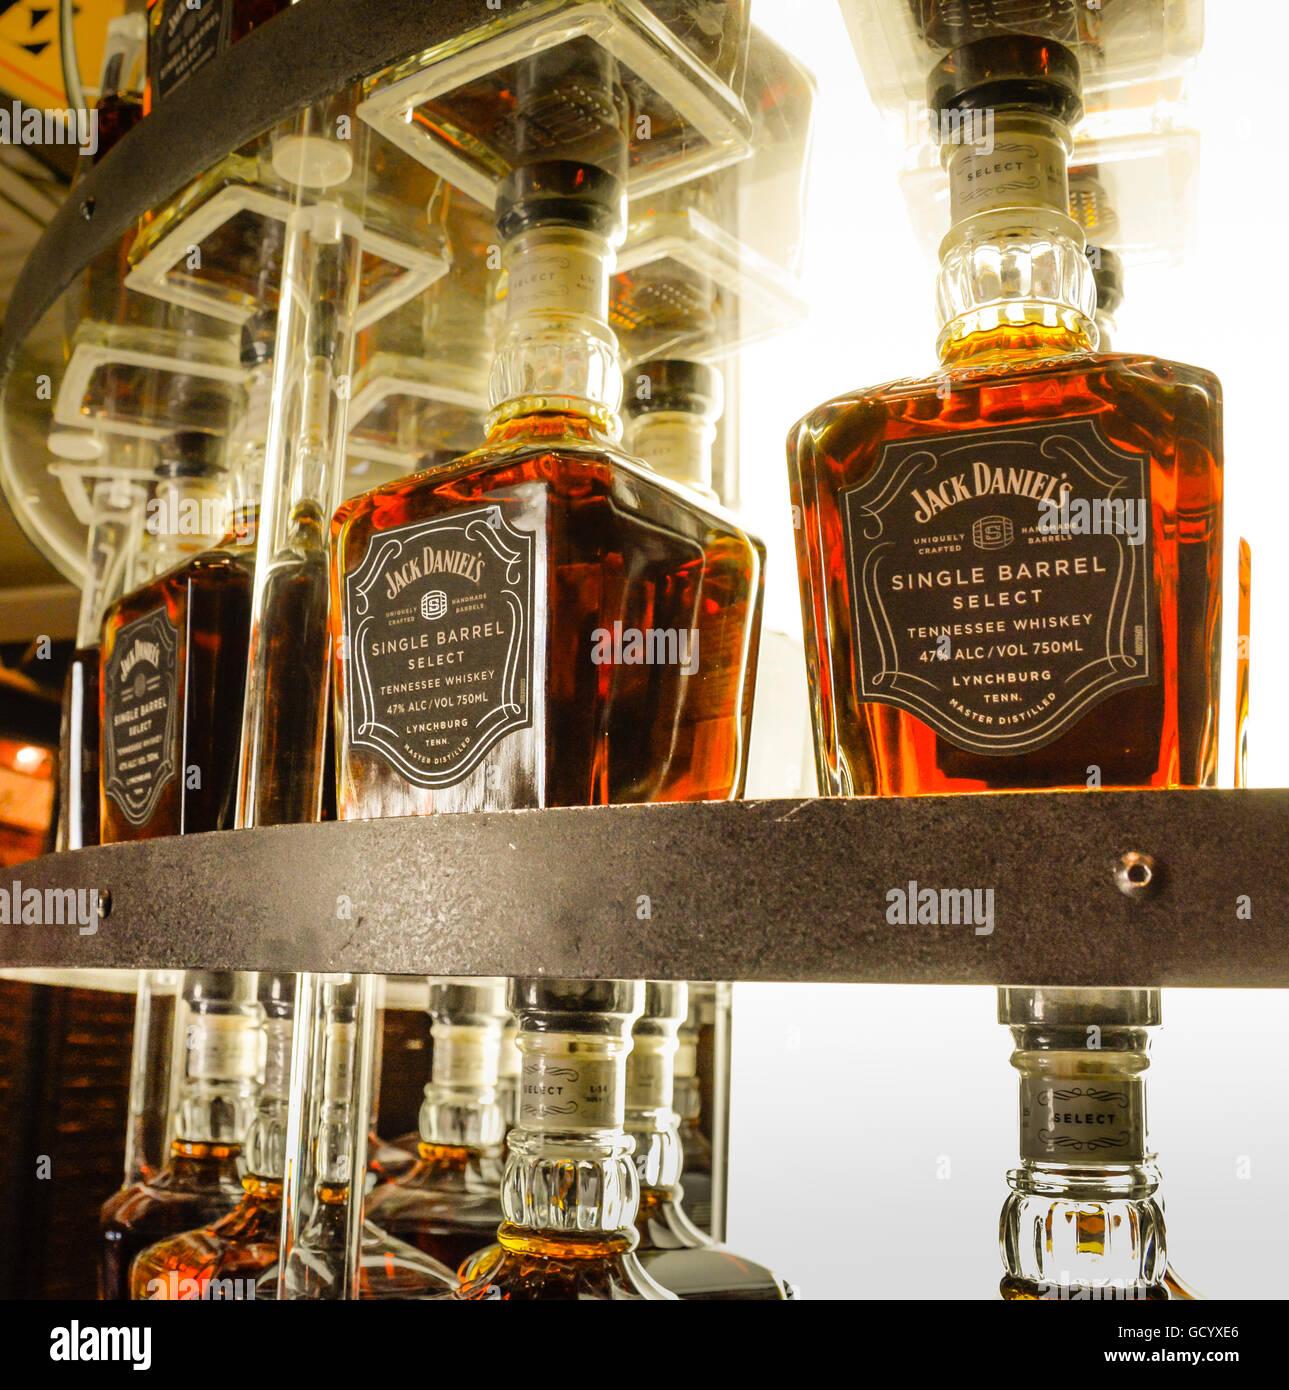 datant Jack Daniels bouteille définition de datation radioactive dans la science